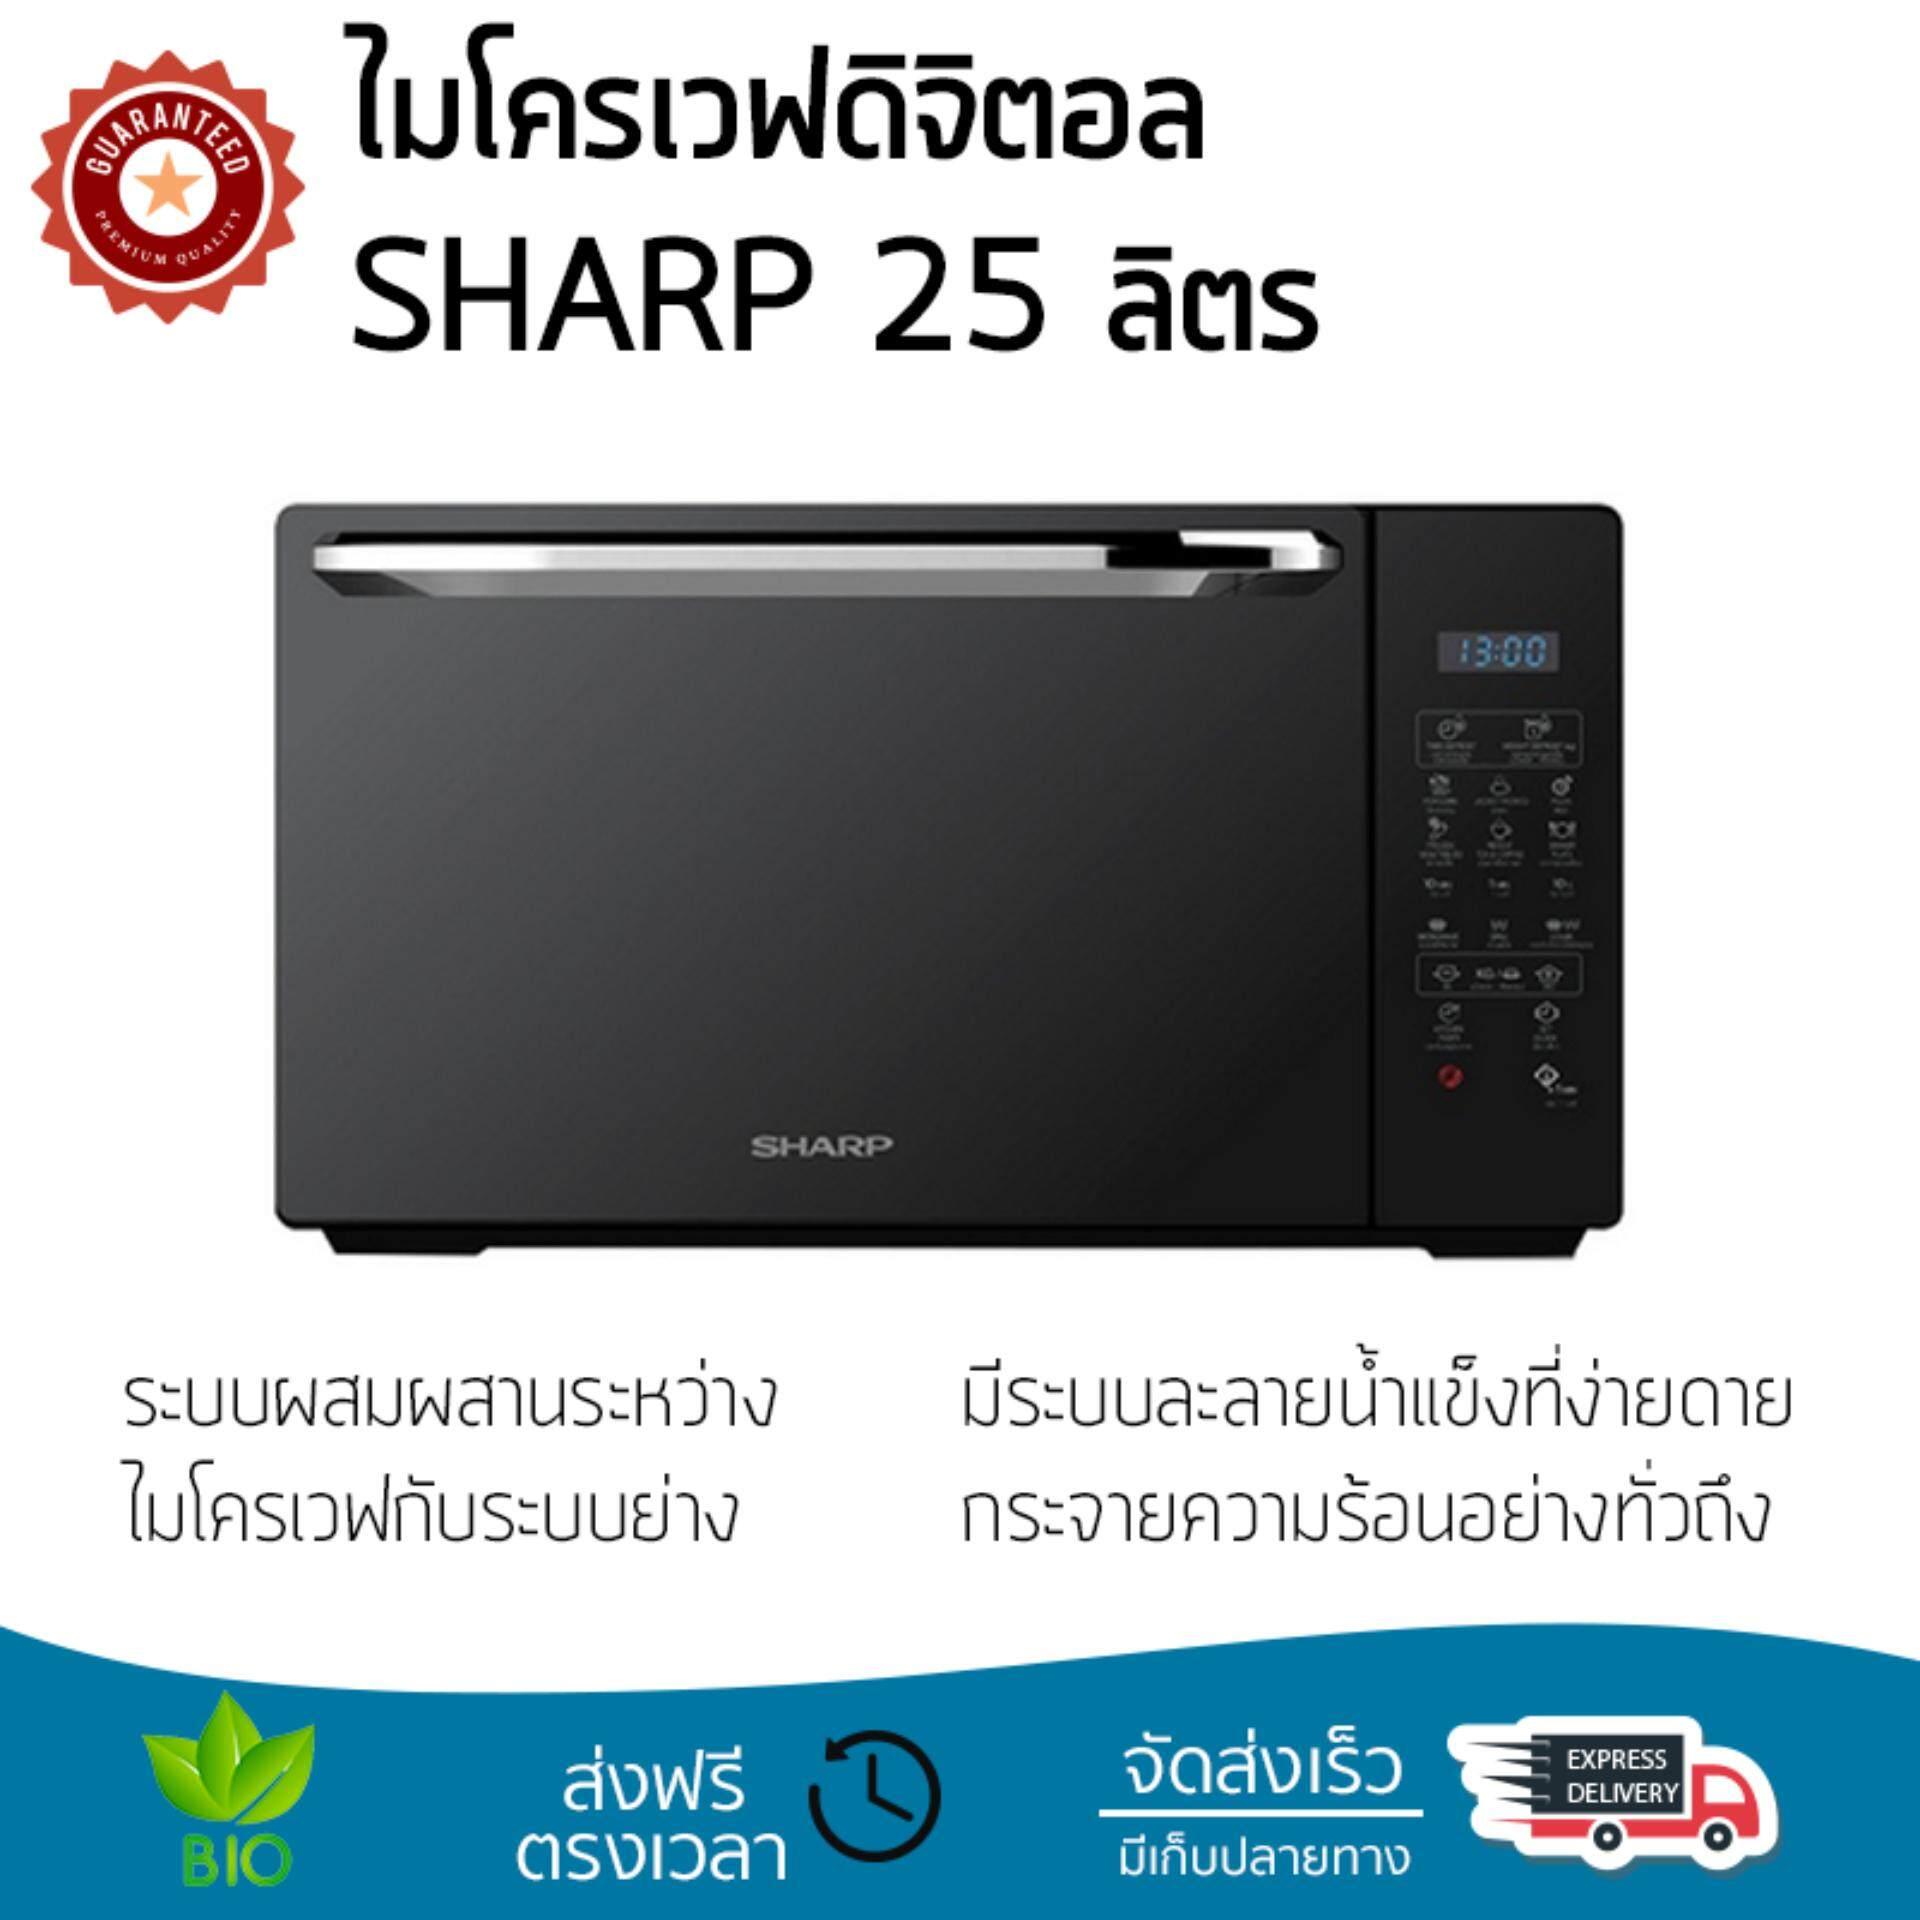 รุ่นใหม่ล่าสุด ไมโครเวฟ เตาอบไมโครเวฟ ไมโครเวฟดิจิตอล SHARP R-752PMR 25 ลิตร   SHARP   R-752PMR ปรับระดับความร้อนได้หลายระดับ มีฟังก์ชันละลายน้ำแข็ง ใช้งานง่าย Microwave จัดส่งฟรีทั่วประเทศ